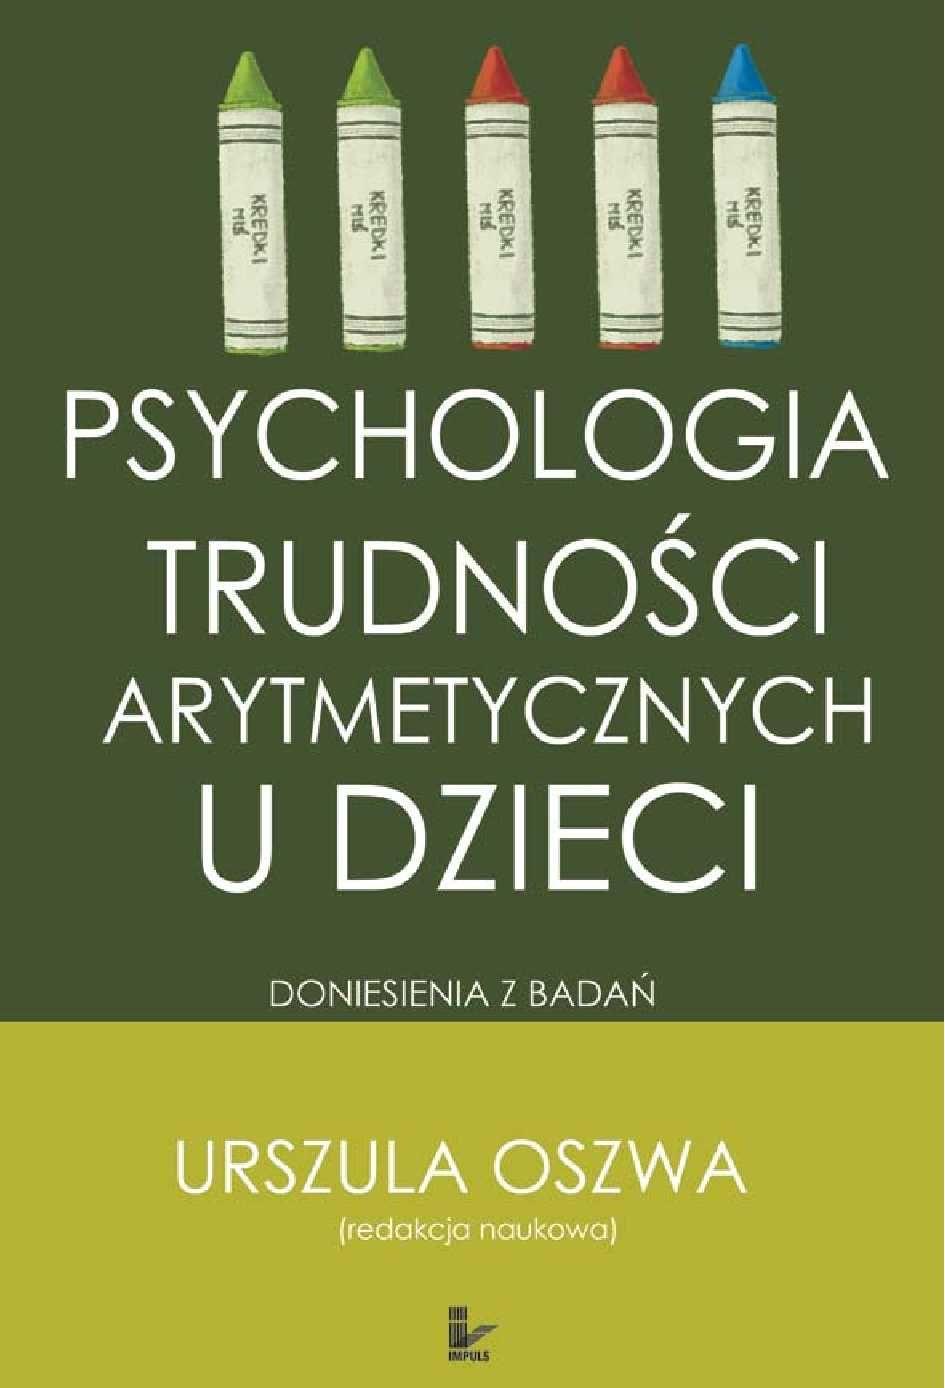 Psychologia trudności arytmetycznych u dzieci - Ebook (Książka na Kindle) do pobrania w formacie MOBI